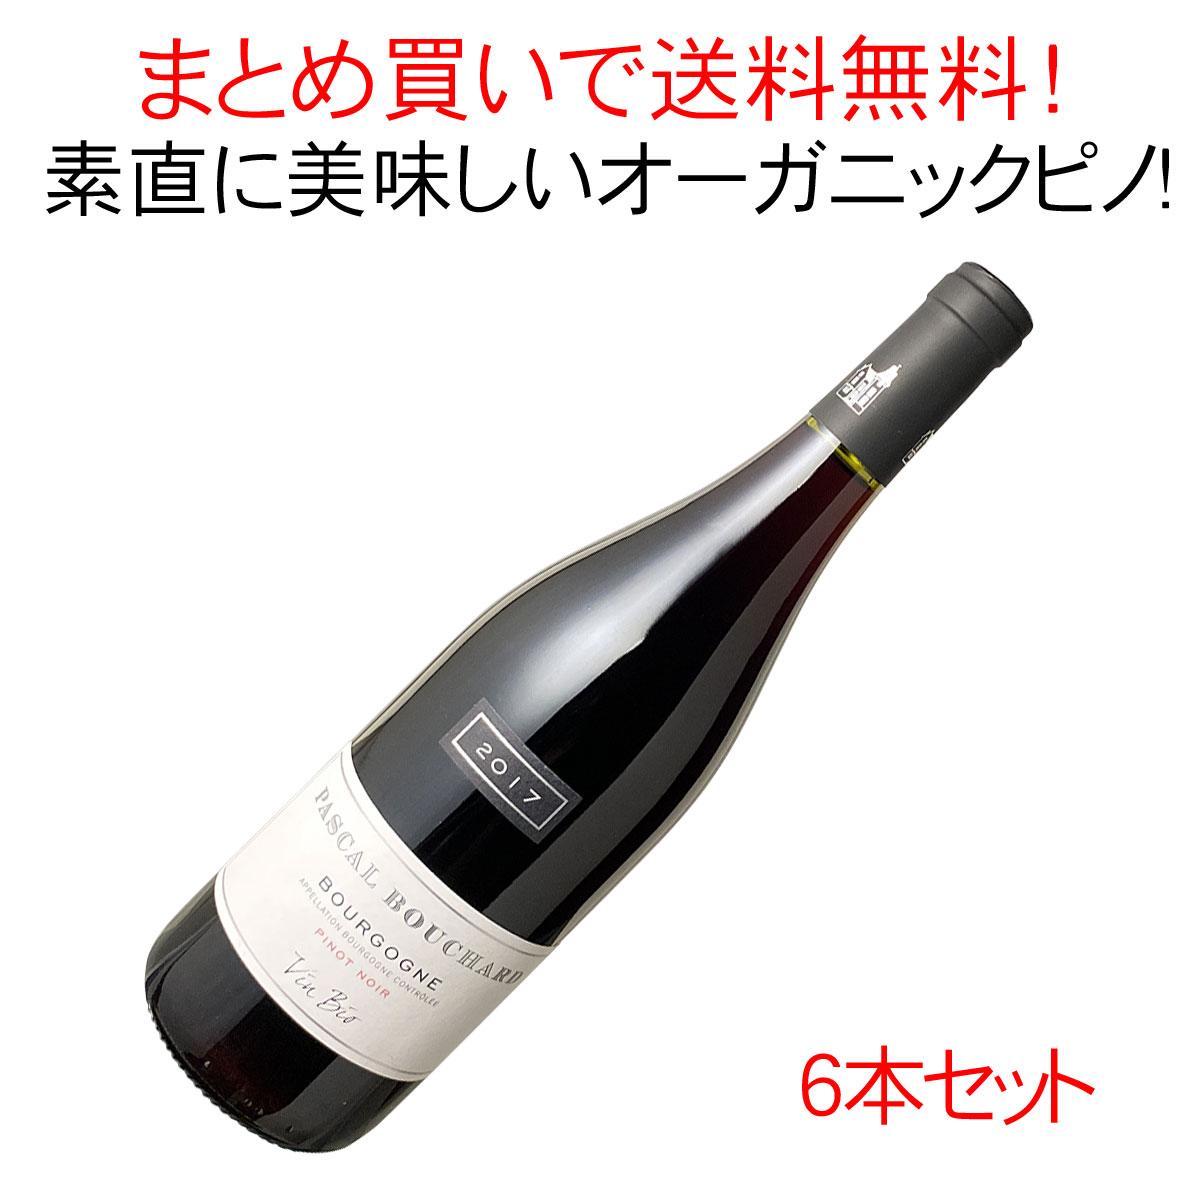 【送料無料】ブルゴーニュ ピノ・ノワール ビオ [2017] パスカル・ブシャール 1ケース6本セット <ワイン/ブルゴーニュ>